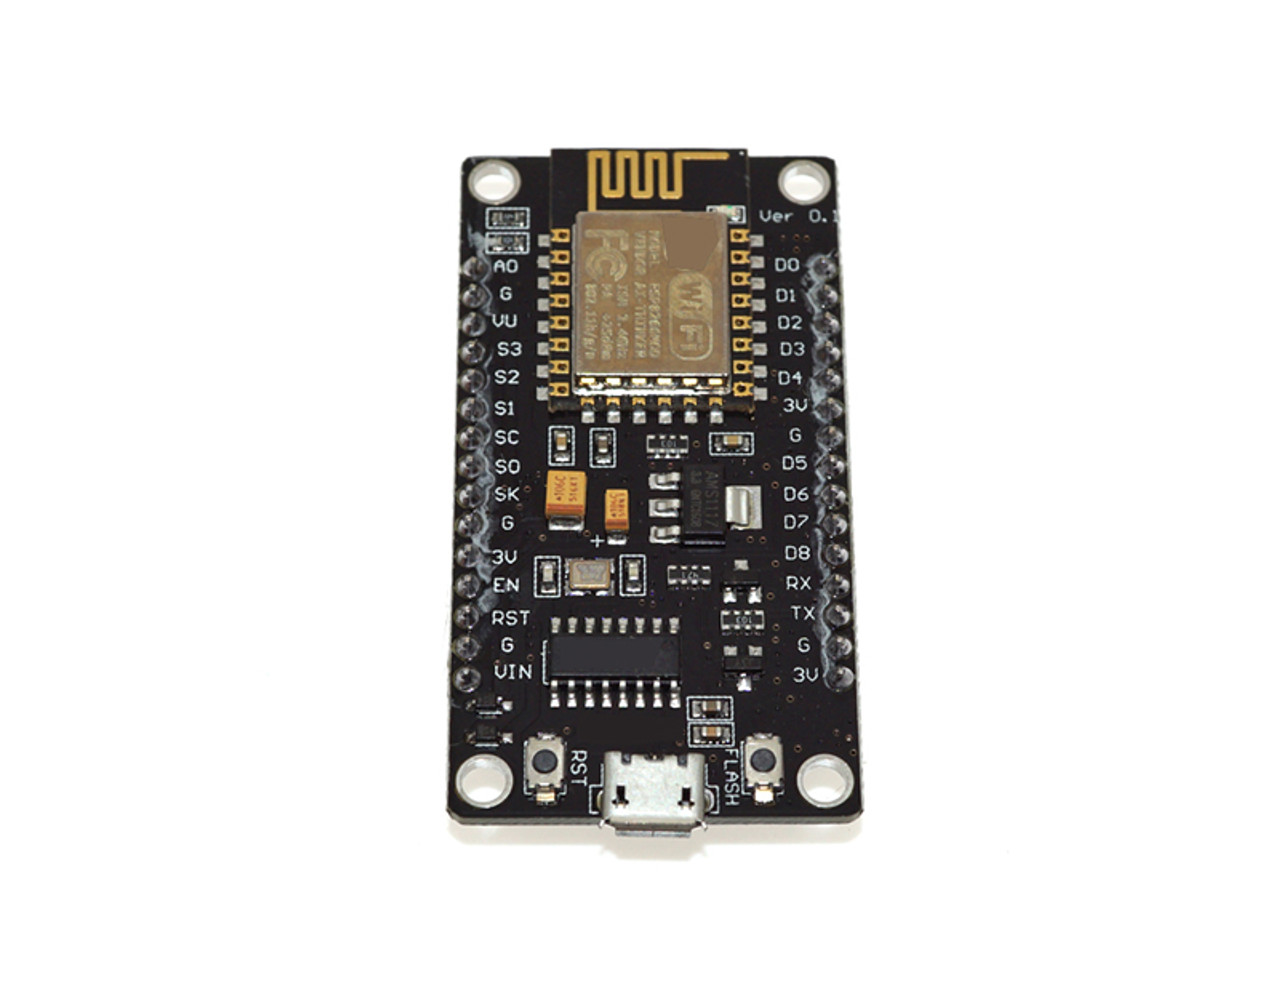 ESP8266 ESP-12E V1 0 Wifi CP2102 IoT Lua 267 for NodeMCU